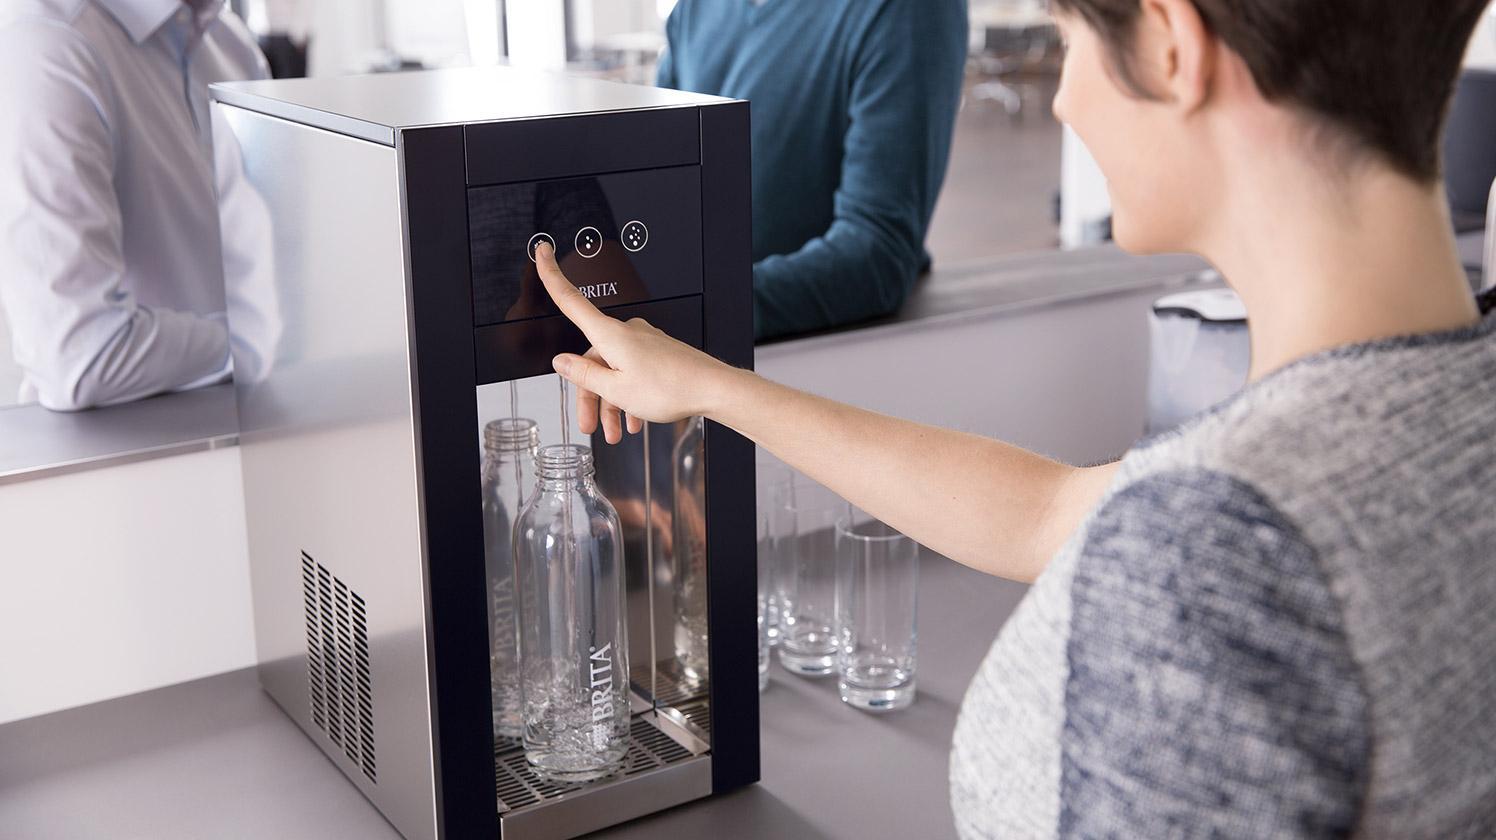 Flaschenbefüllung am Wasserspender